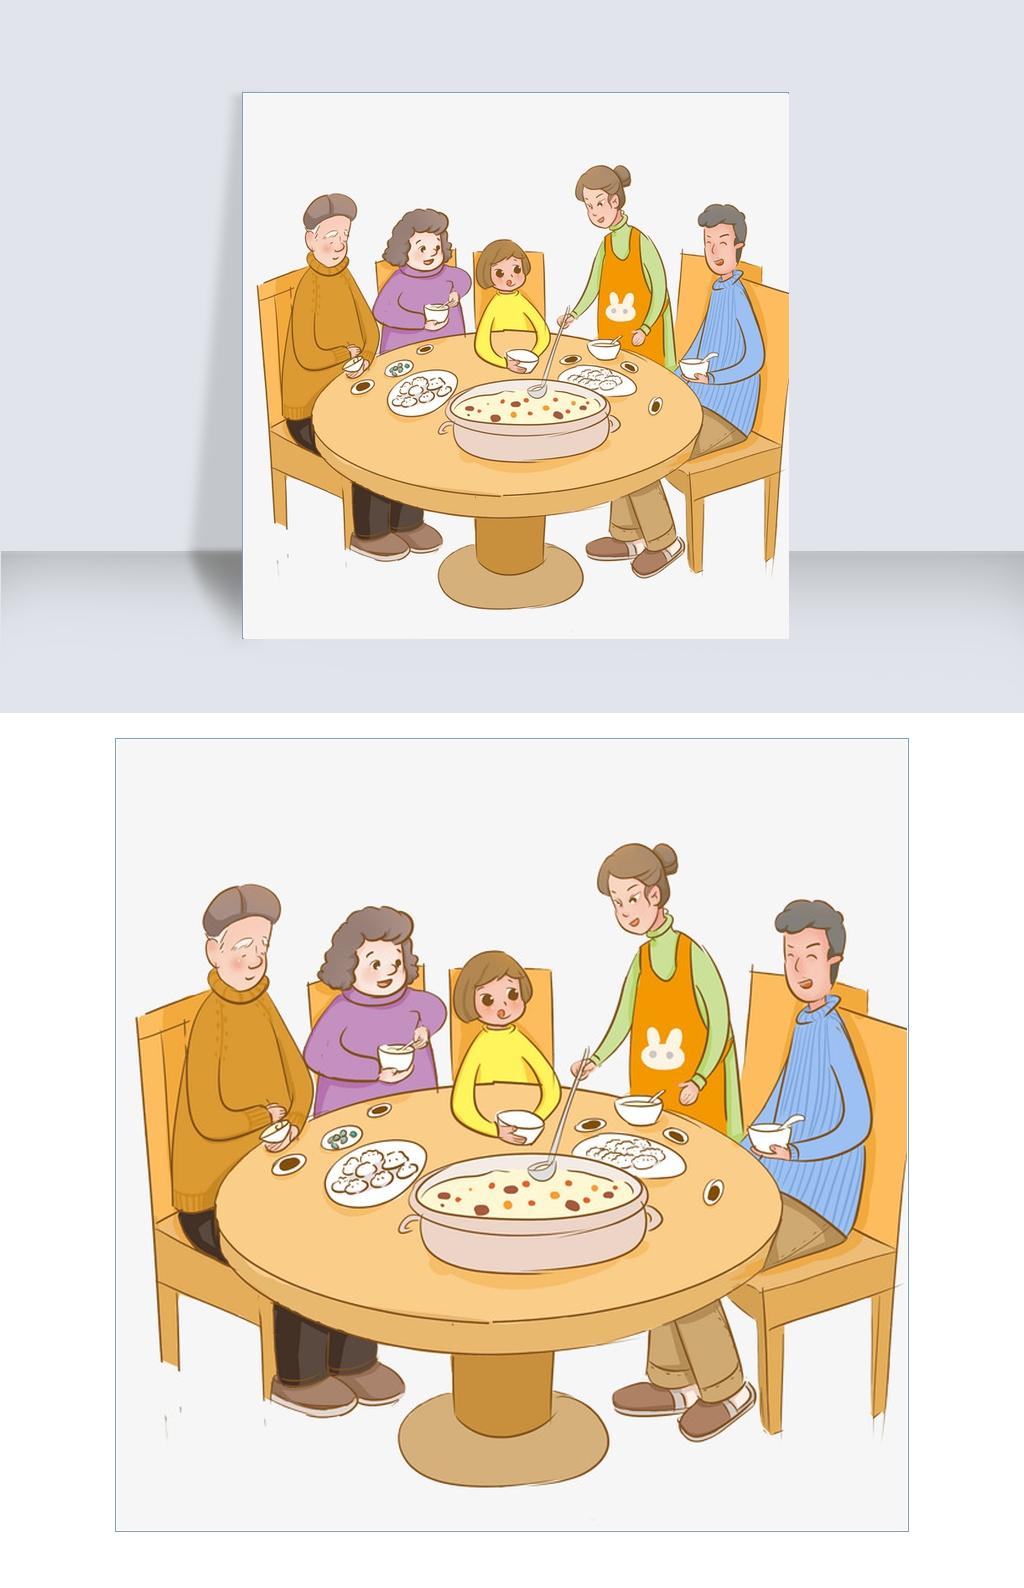 过年团圆饭主题插画 卡通手绘免费下载-千图网手机版